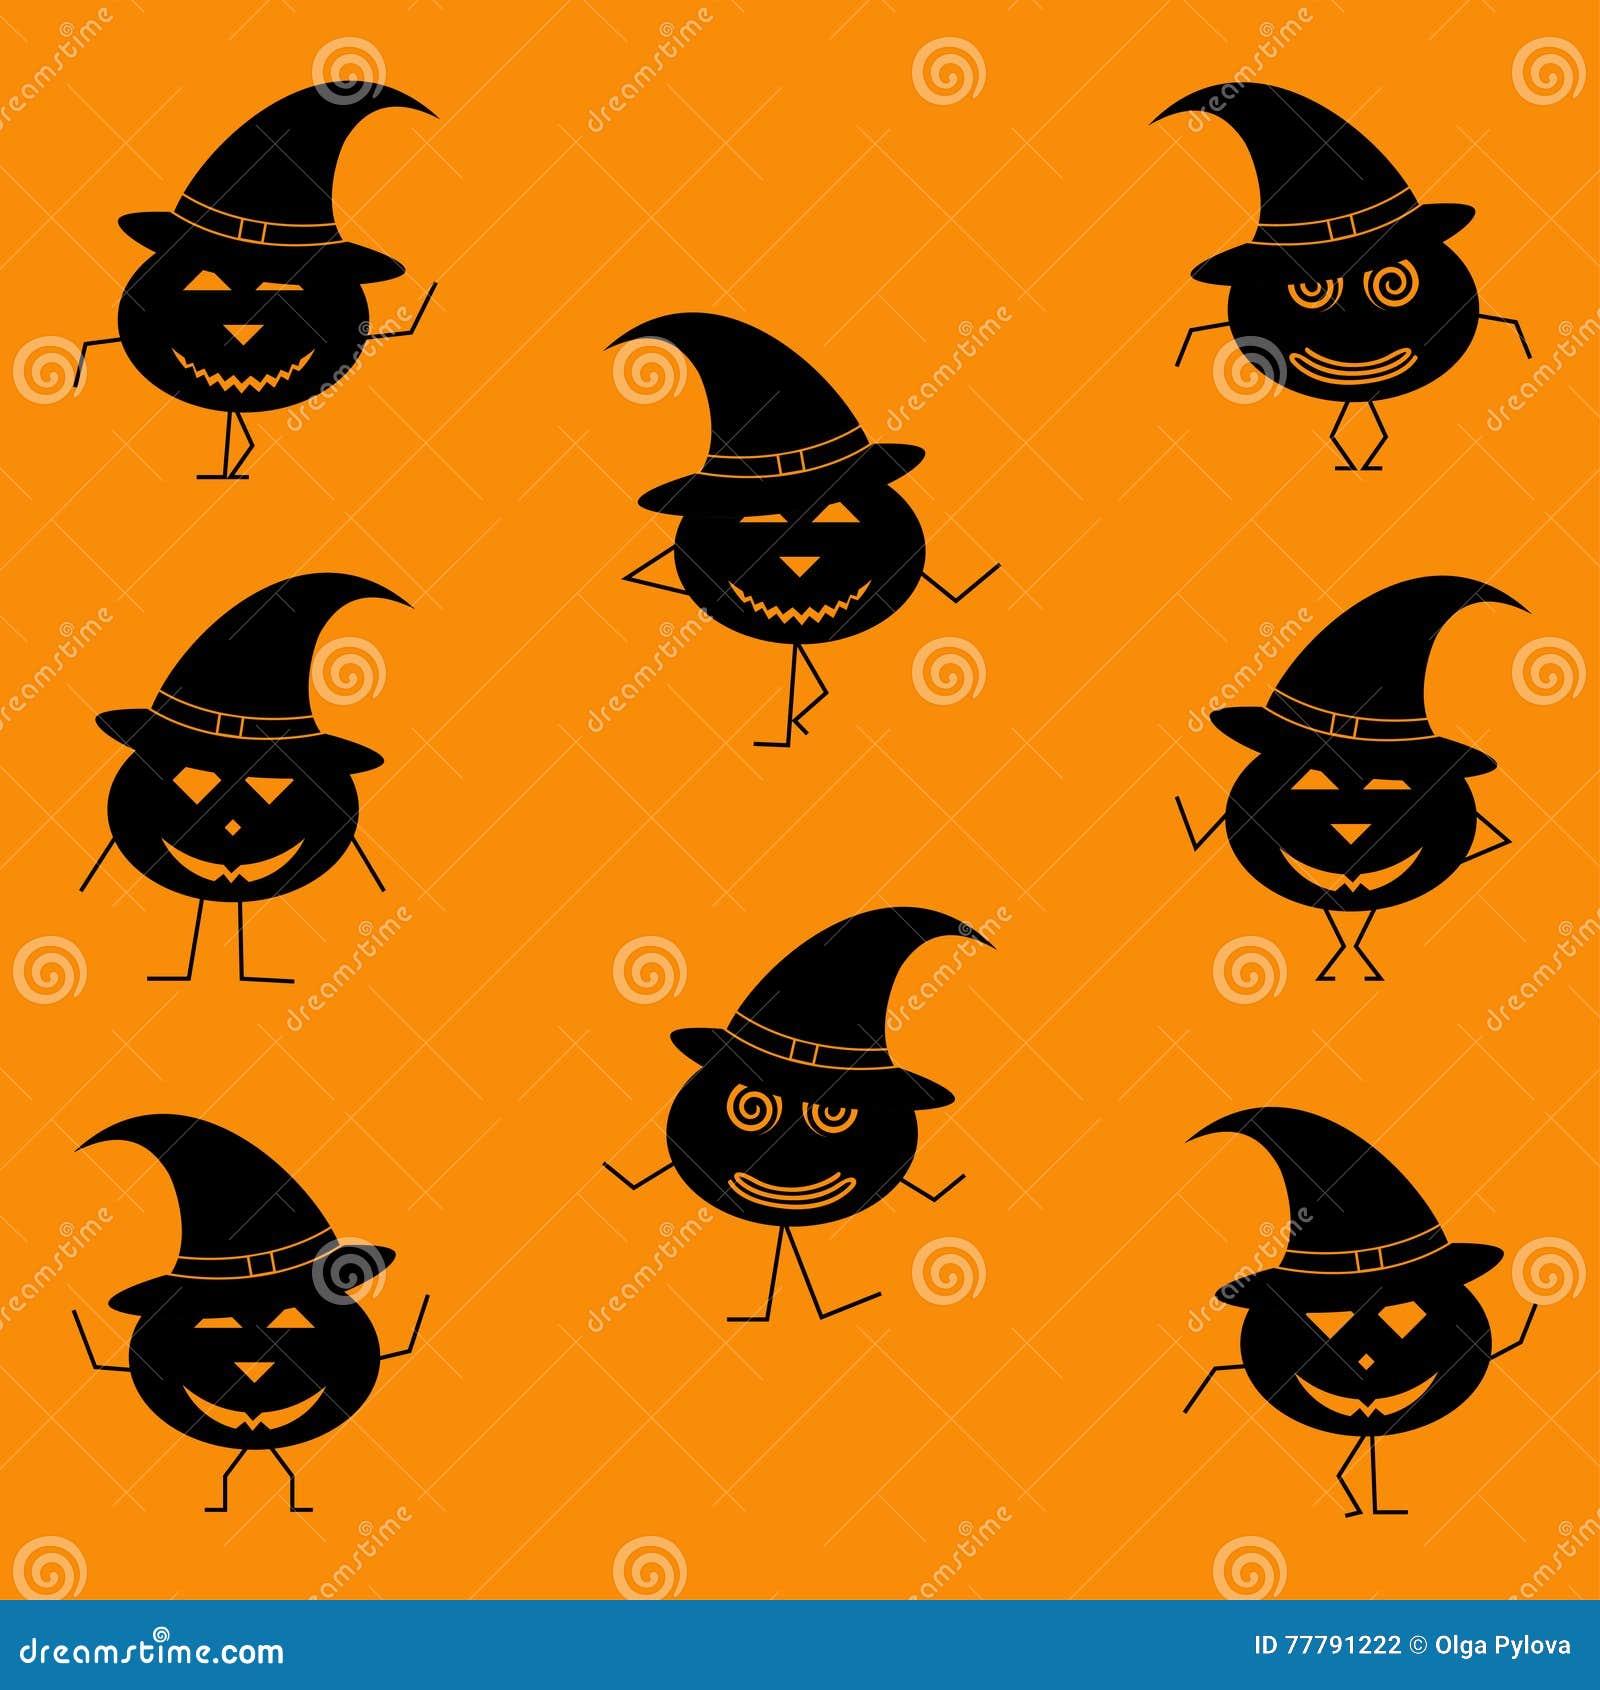 halloween - Dancing Halloween